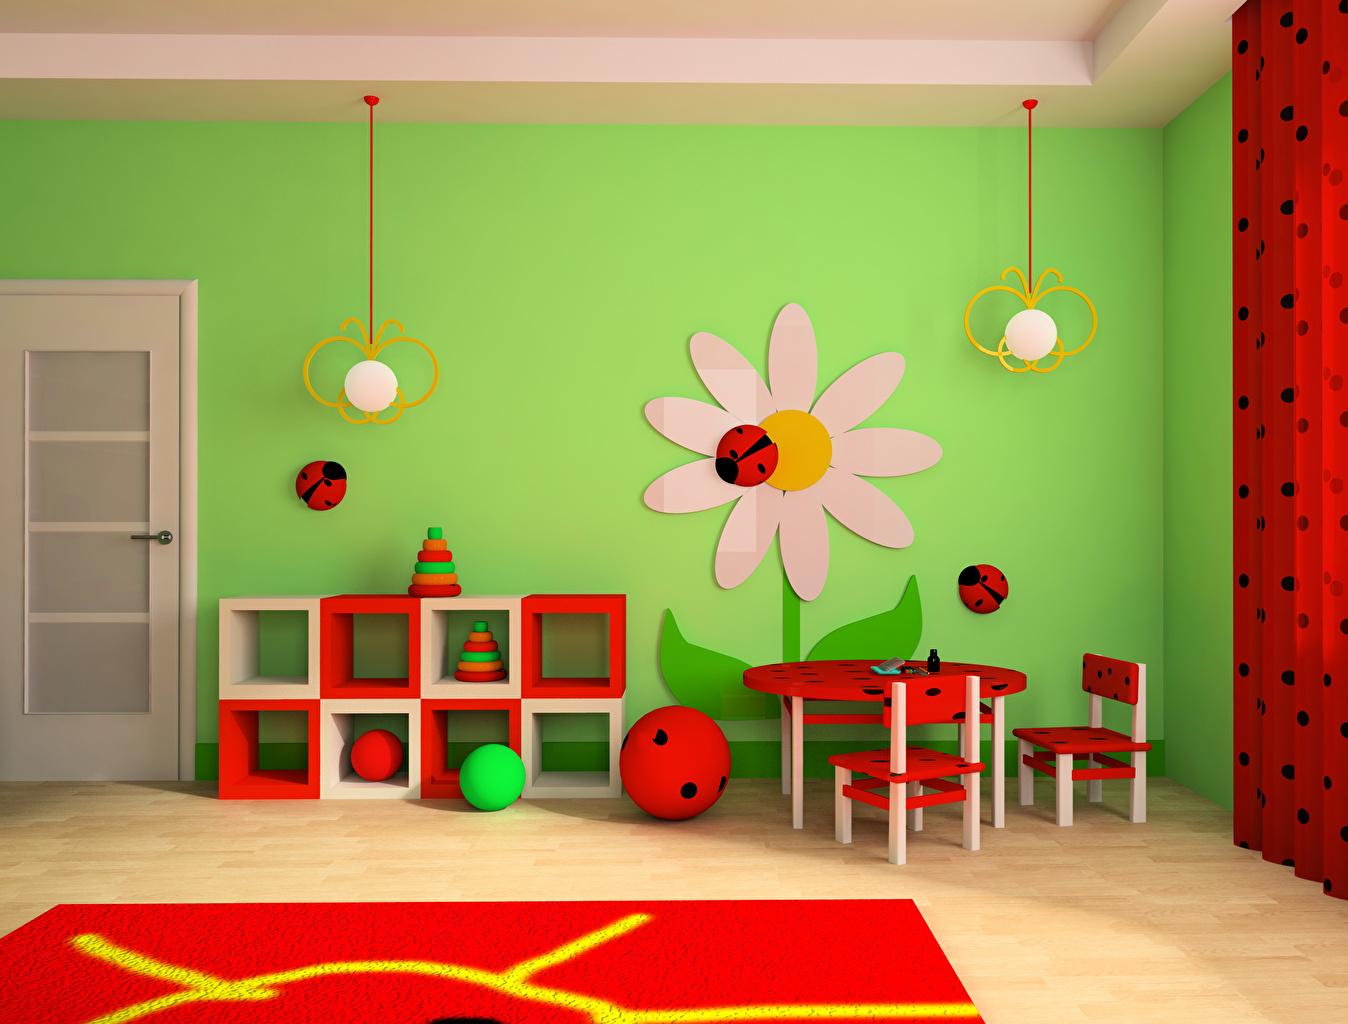 Картинка Детская комната 3D Графика Интерьер Мяч Стол Стулья Дизайн